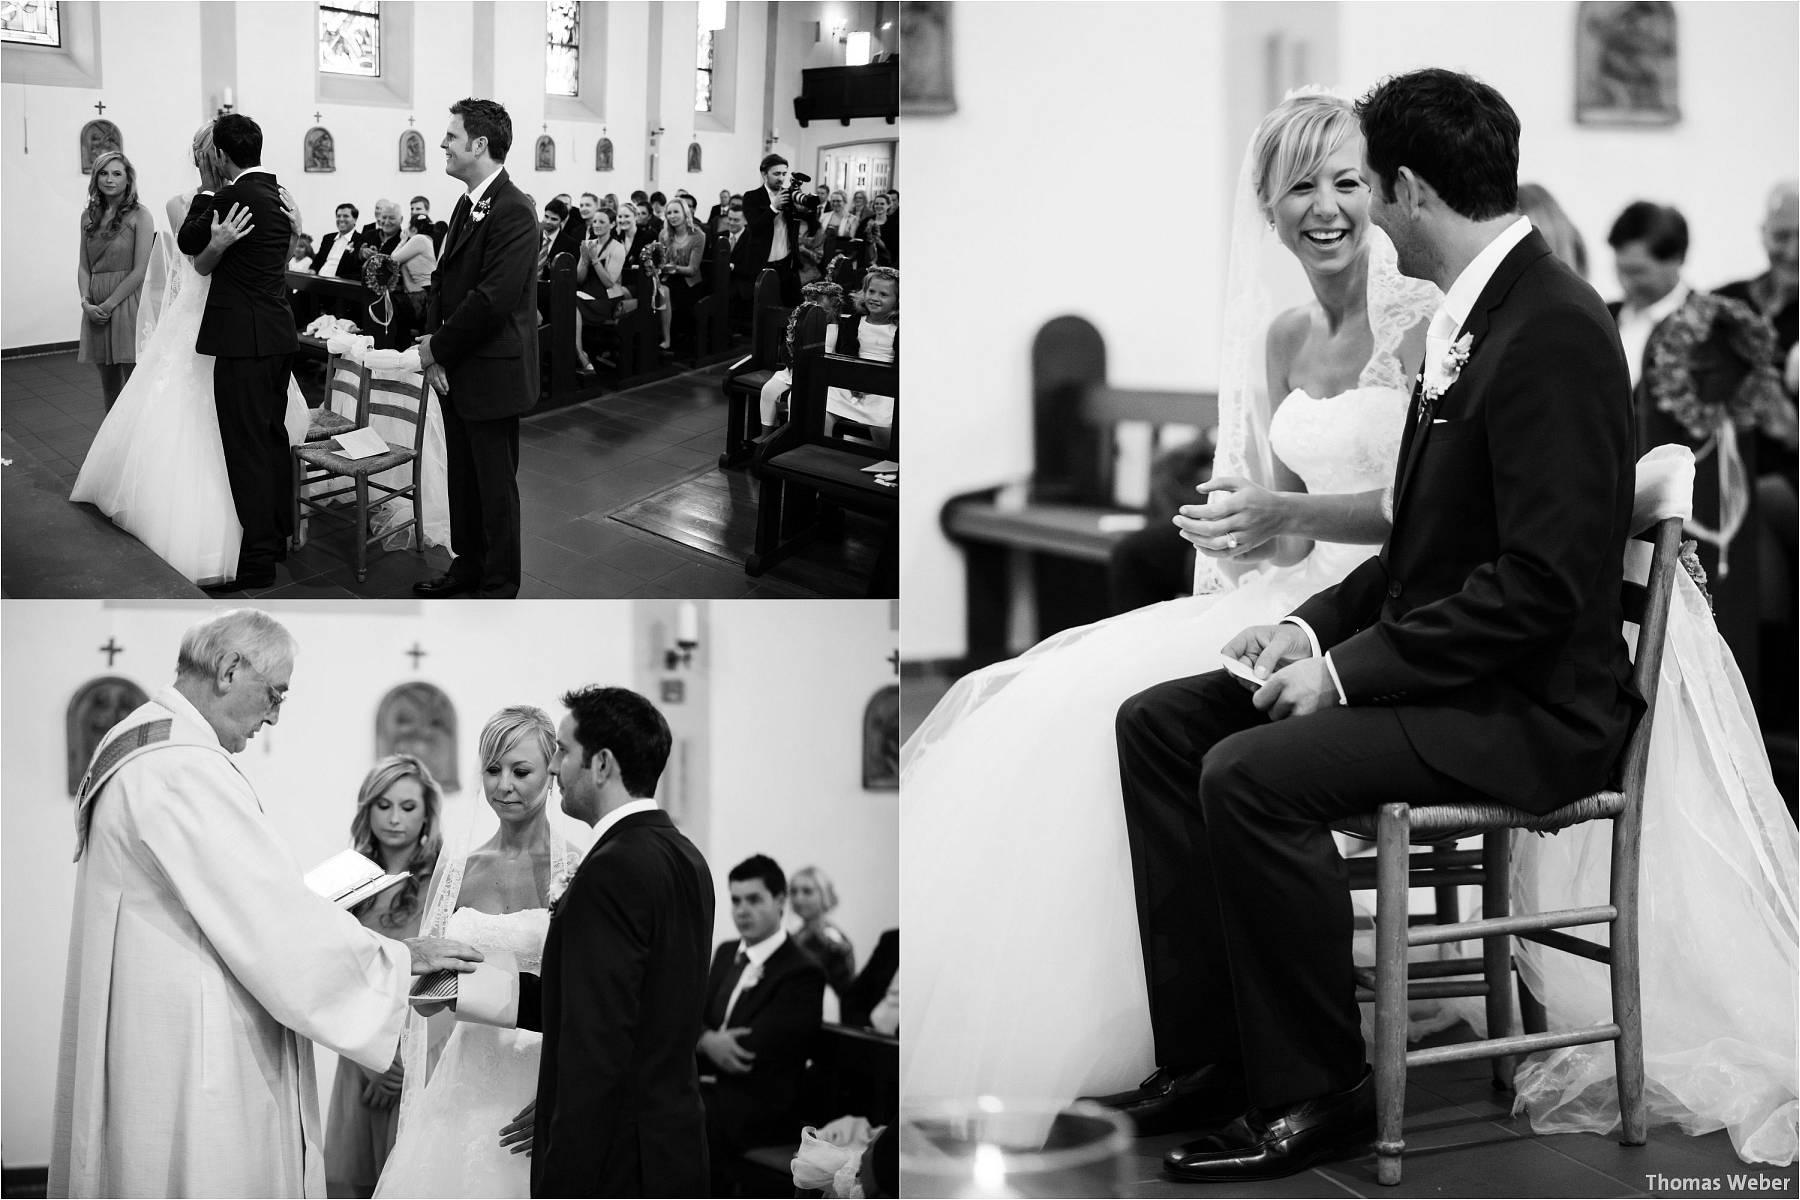 Hochzeitsfotograf Oldenburg: Hochzeit im Zollhaus und in der Eventscheune St. Georg in Rastede (17)